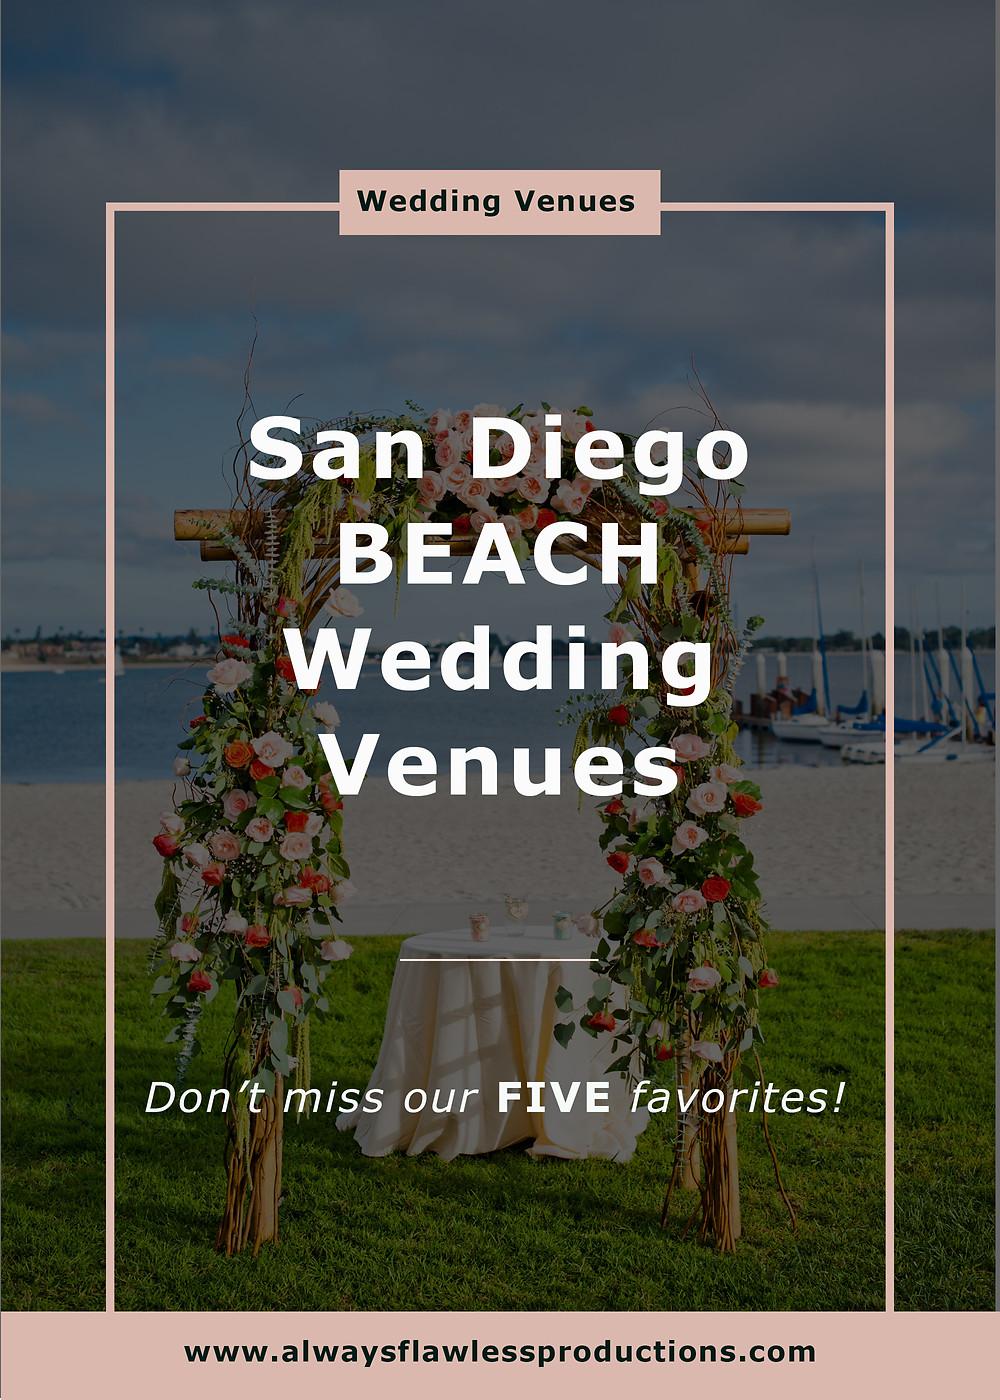 San Diego Wedding Venues - Beach Wedding Venues